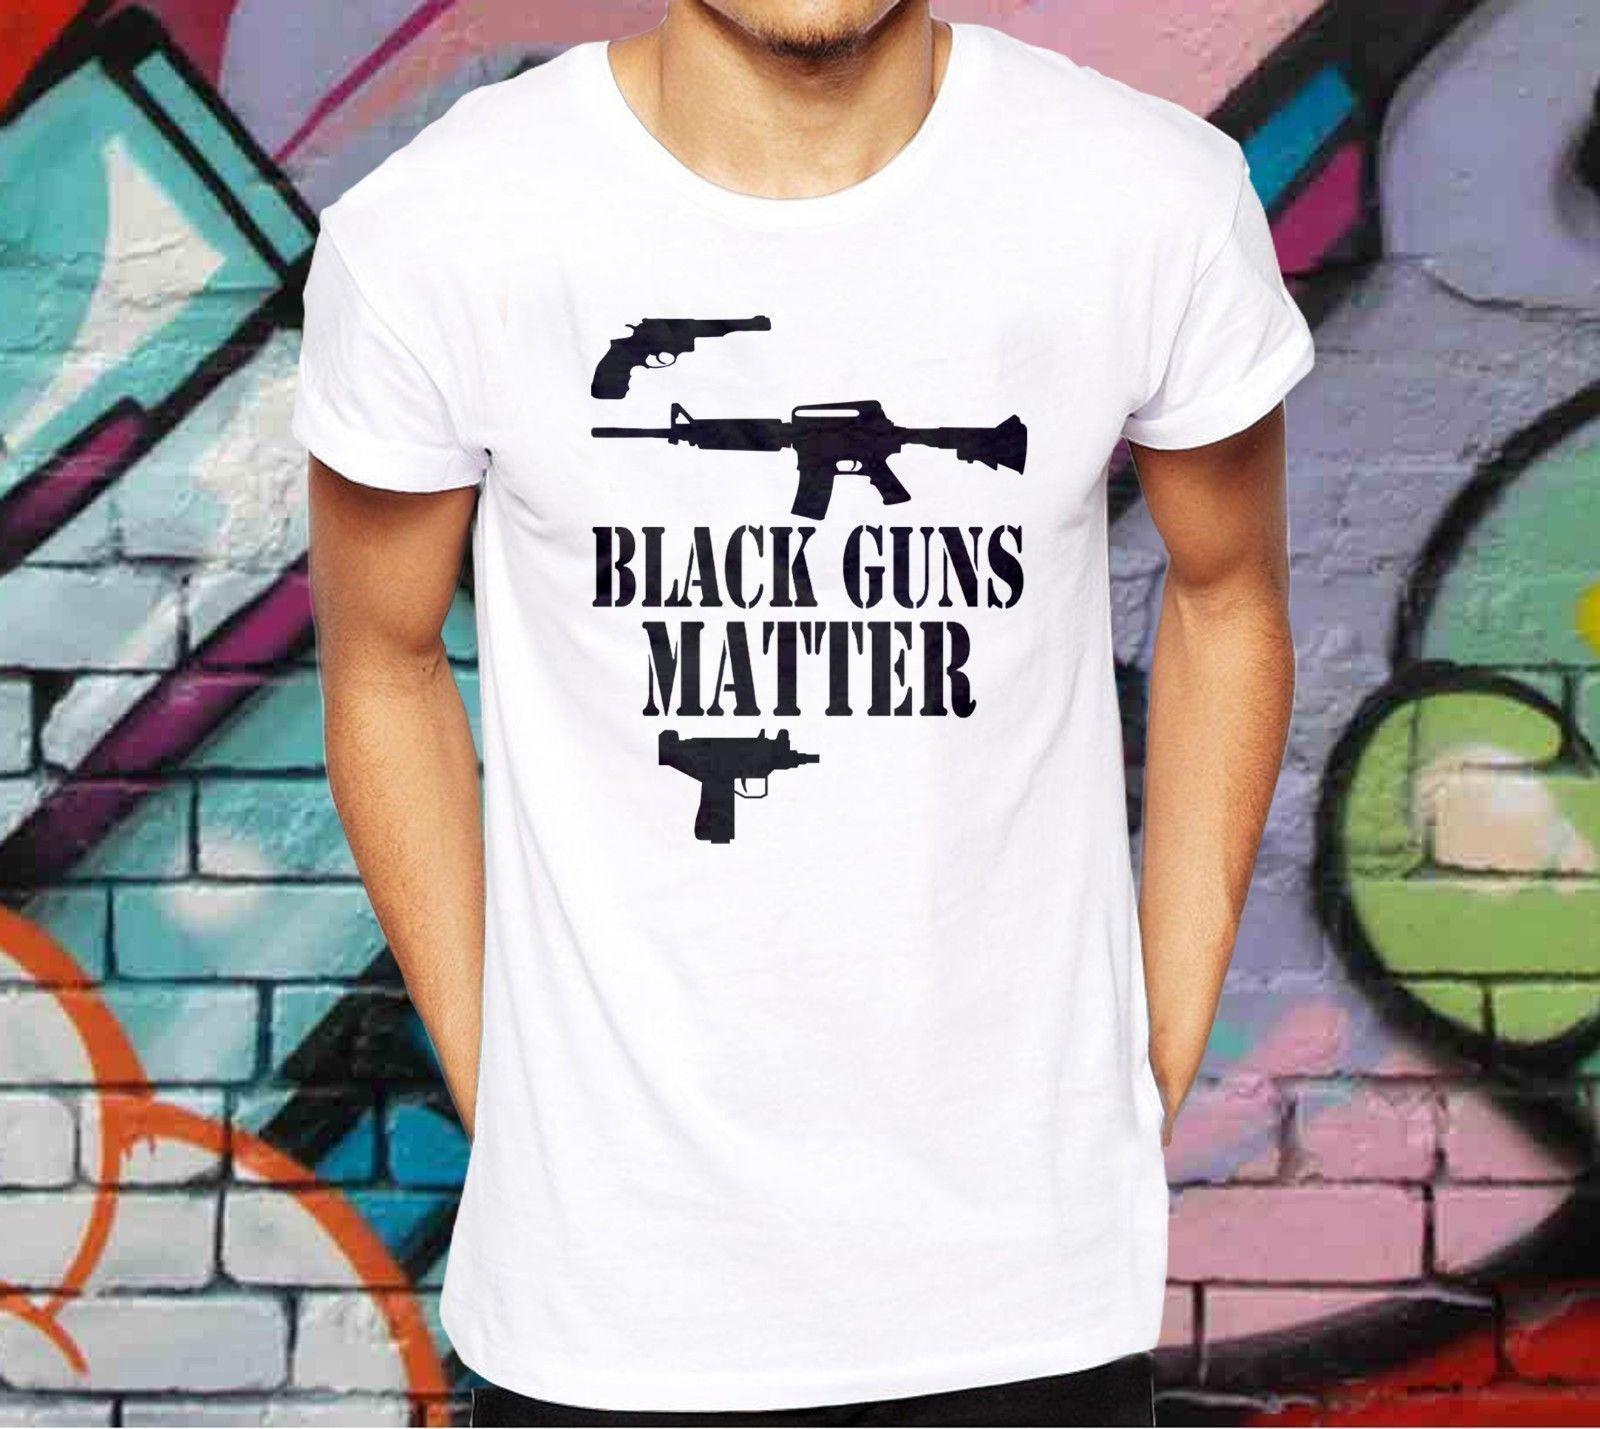 Il nuovo cotone Tempo libero Moda vestiti dei nuovi vestiti Tops Krinkov AKS-74U russo fucile Ak-47 Guns Mattert Shirt Store